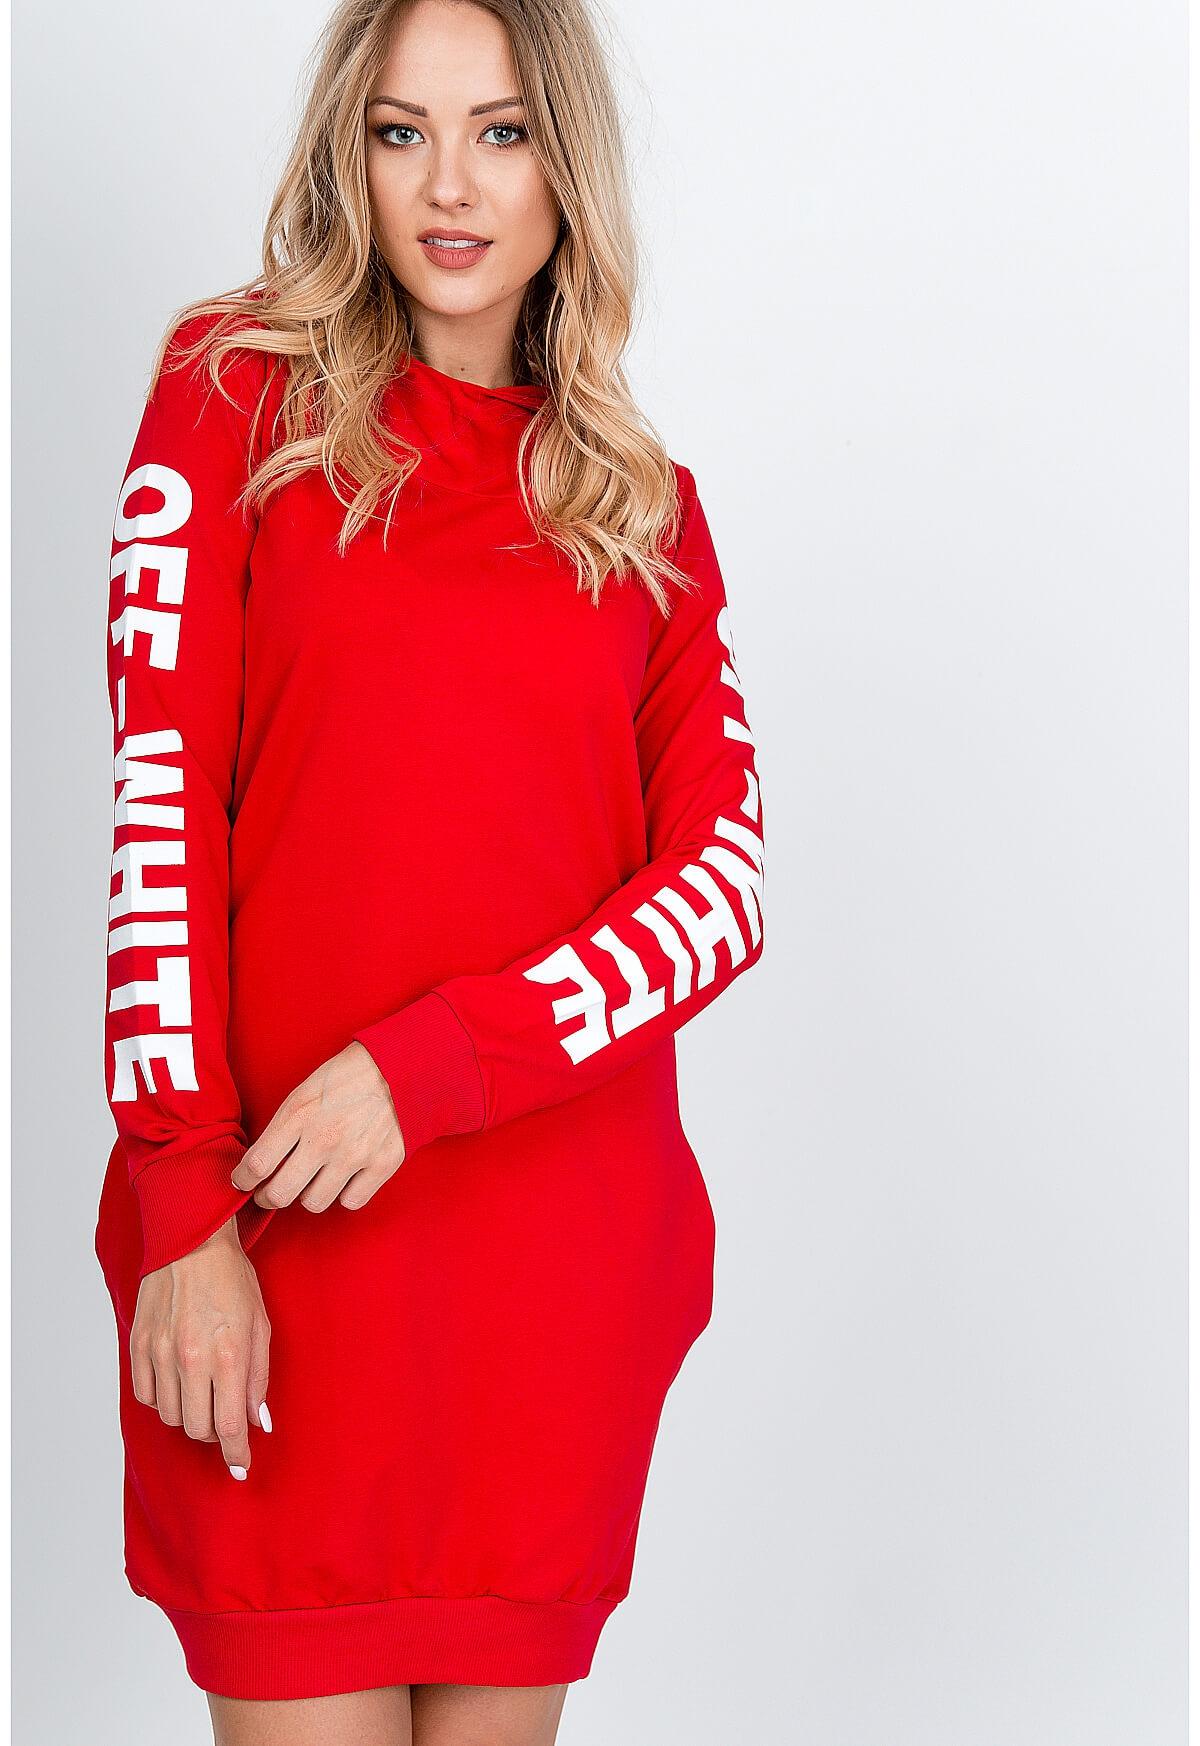 Červené mikinové šaty s kapucňou - UNI